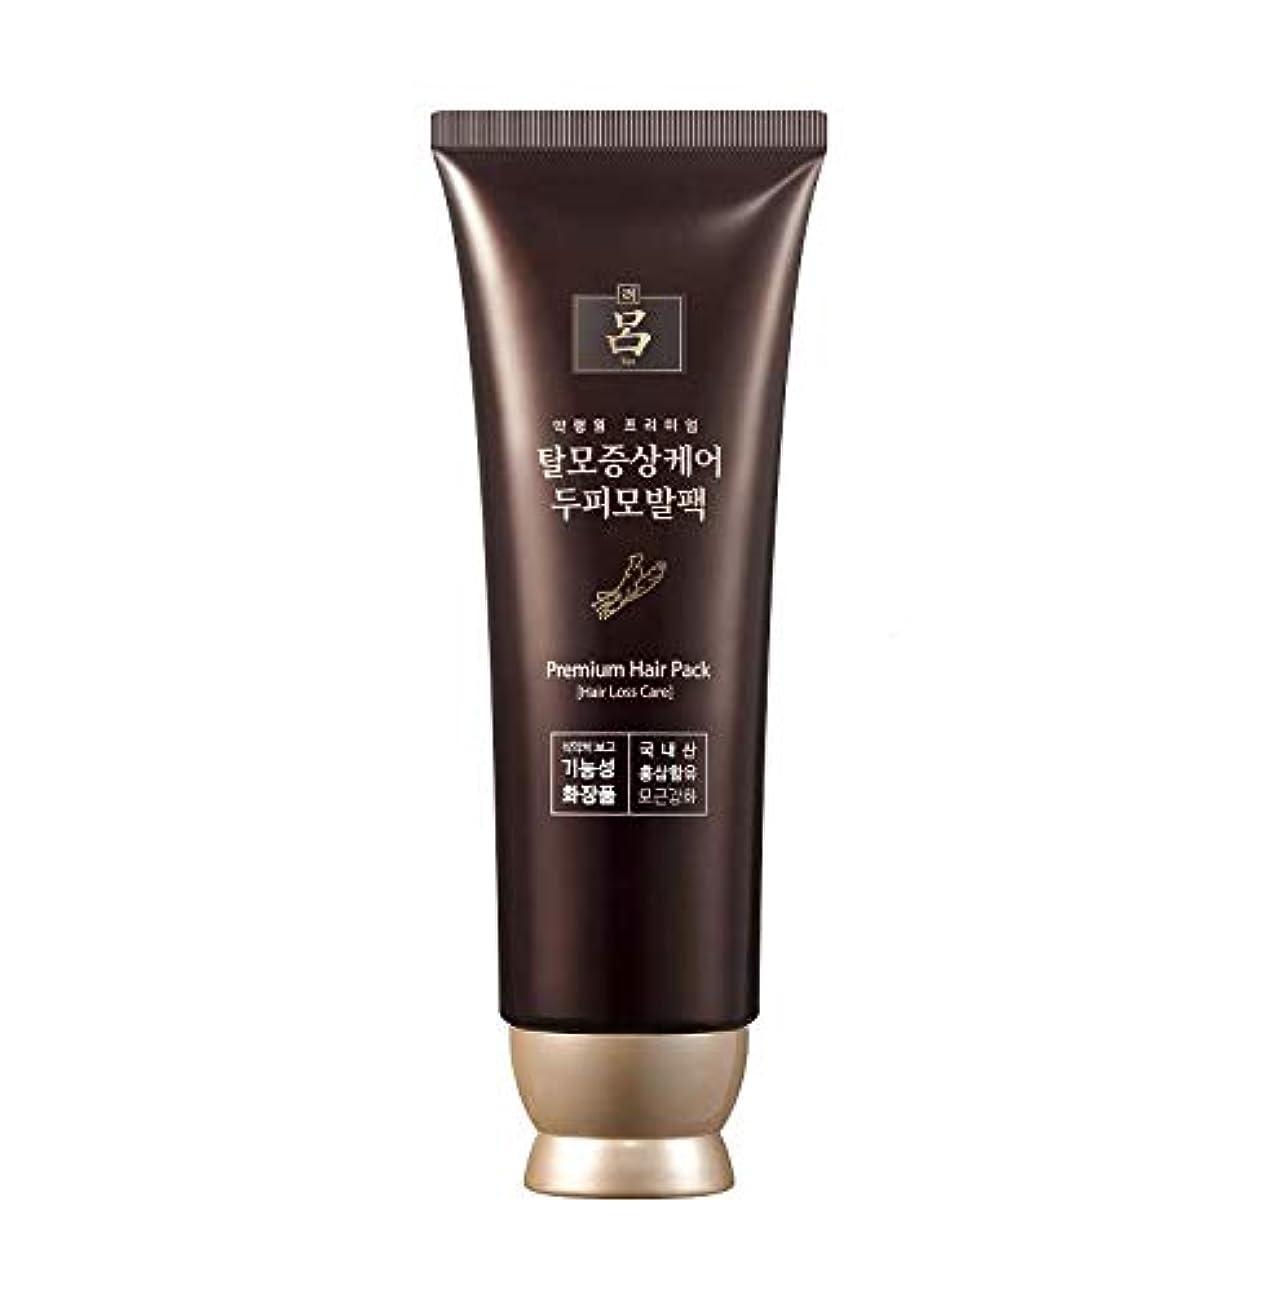 [う.Ryo]う薬令員プレミアム脱毛症状のケア毛髪パック(230ml)/Medicinal Premium Hair Removal Scalp Hair Pack